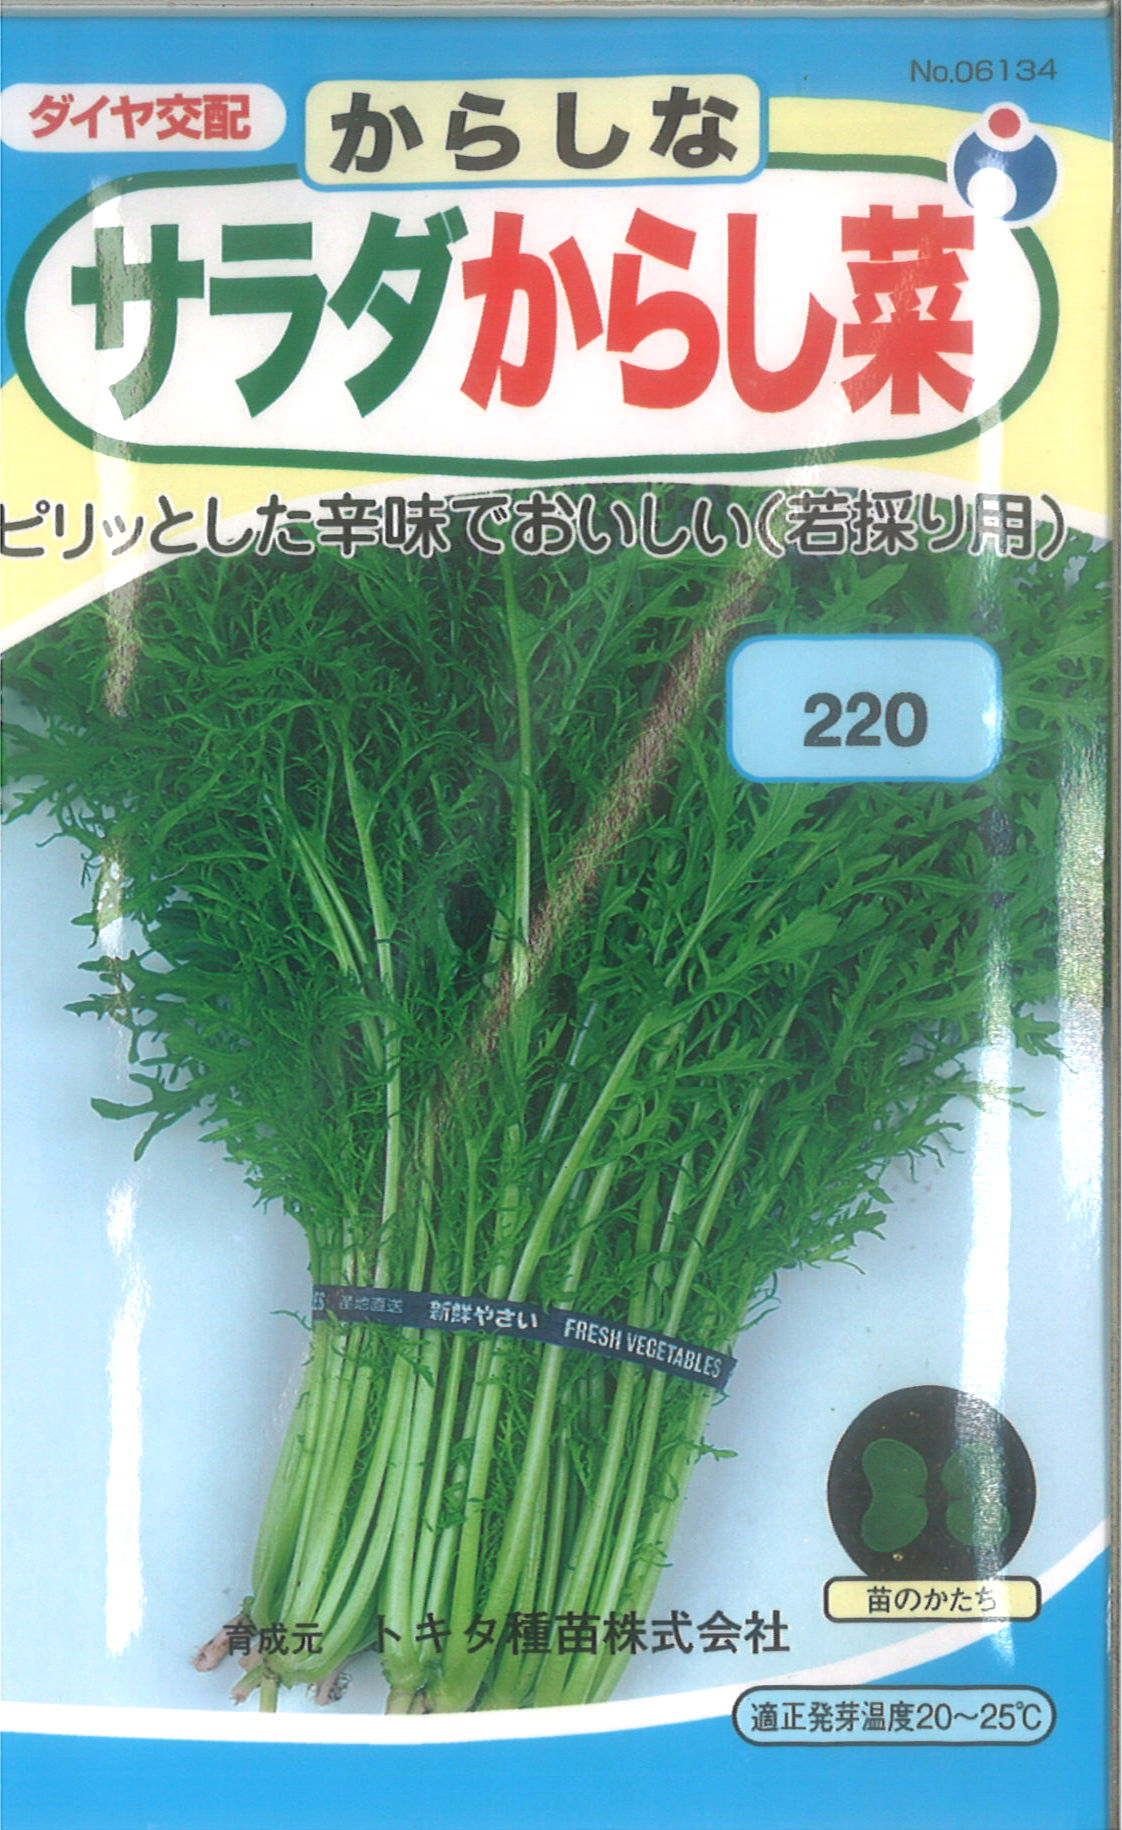 ≪代引不可≫≪5袋まで送料80円≫ □カラシナ サラダからし菜